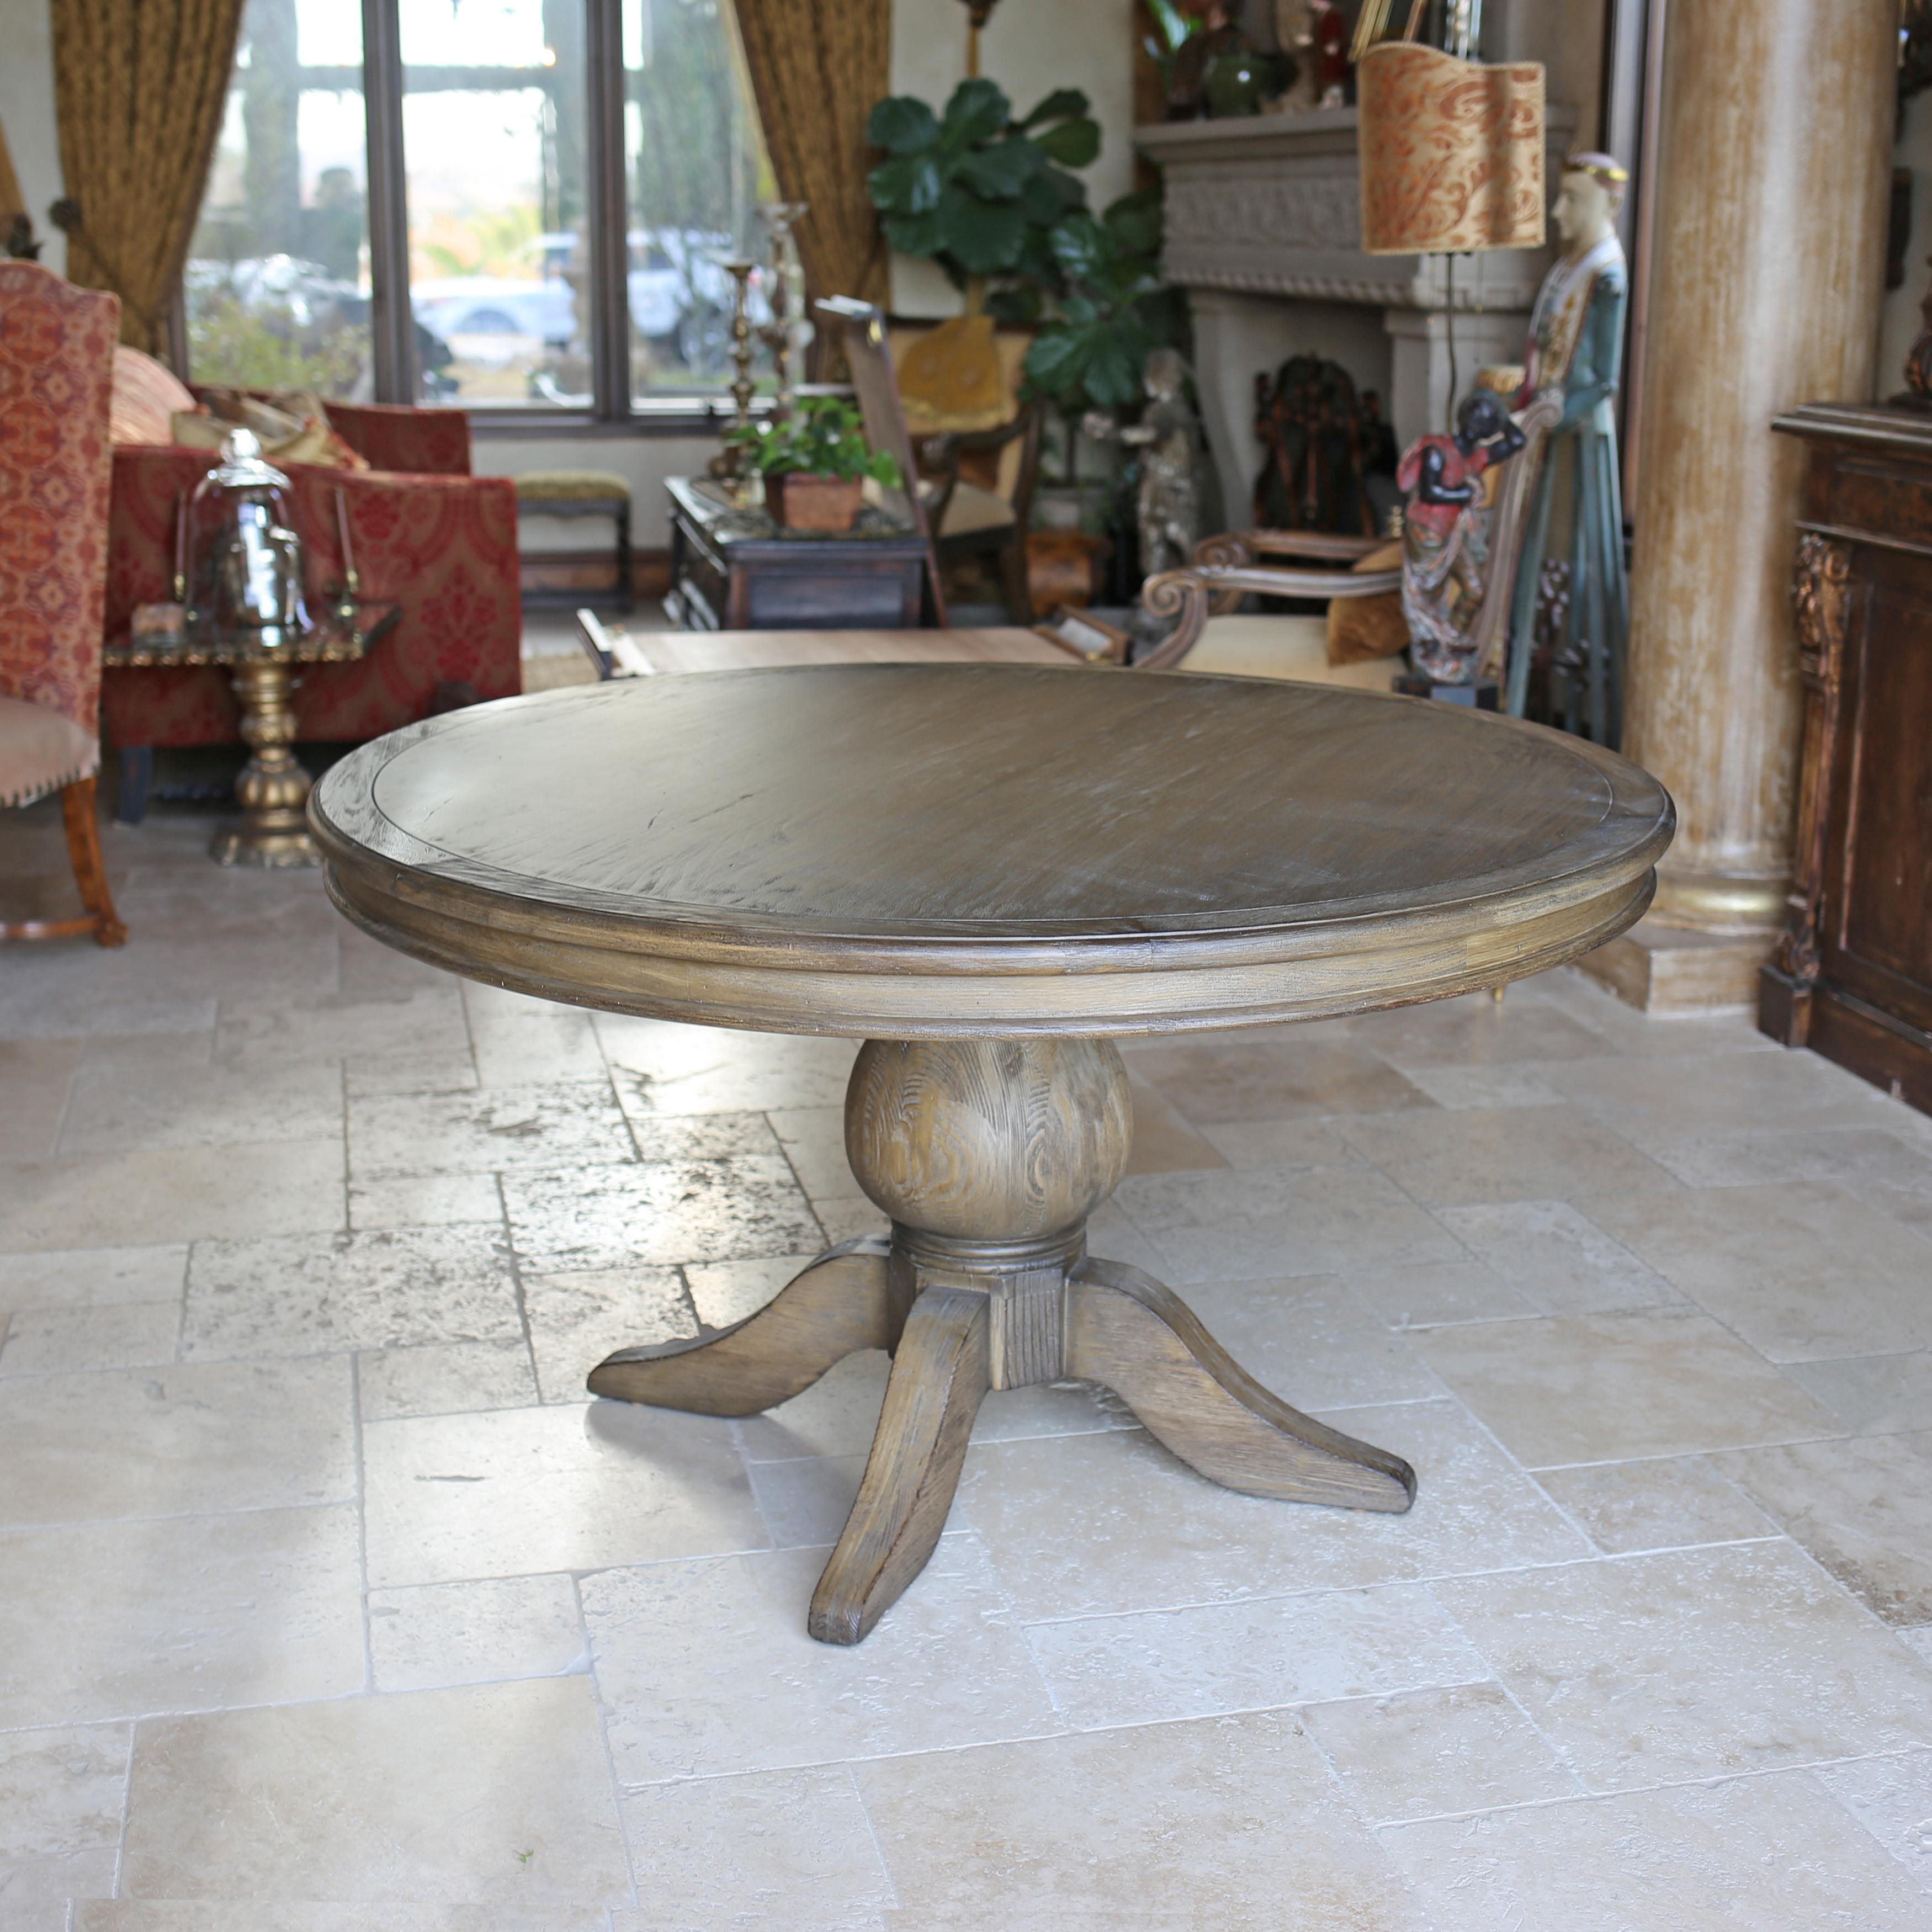 Best Kovet Hospitality Florence Reclaimed Wood Round Dining Table reclaimed wood round dining table